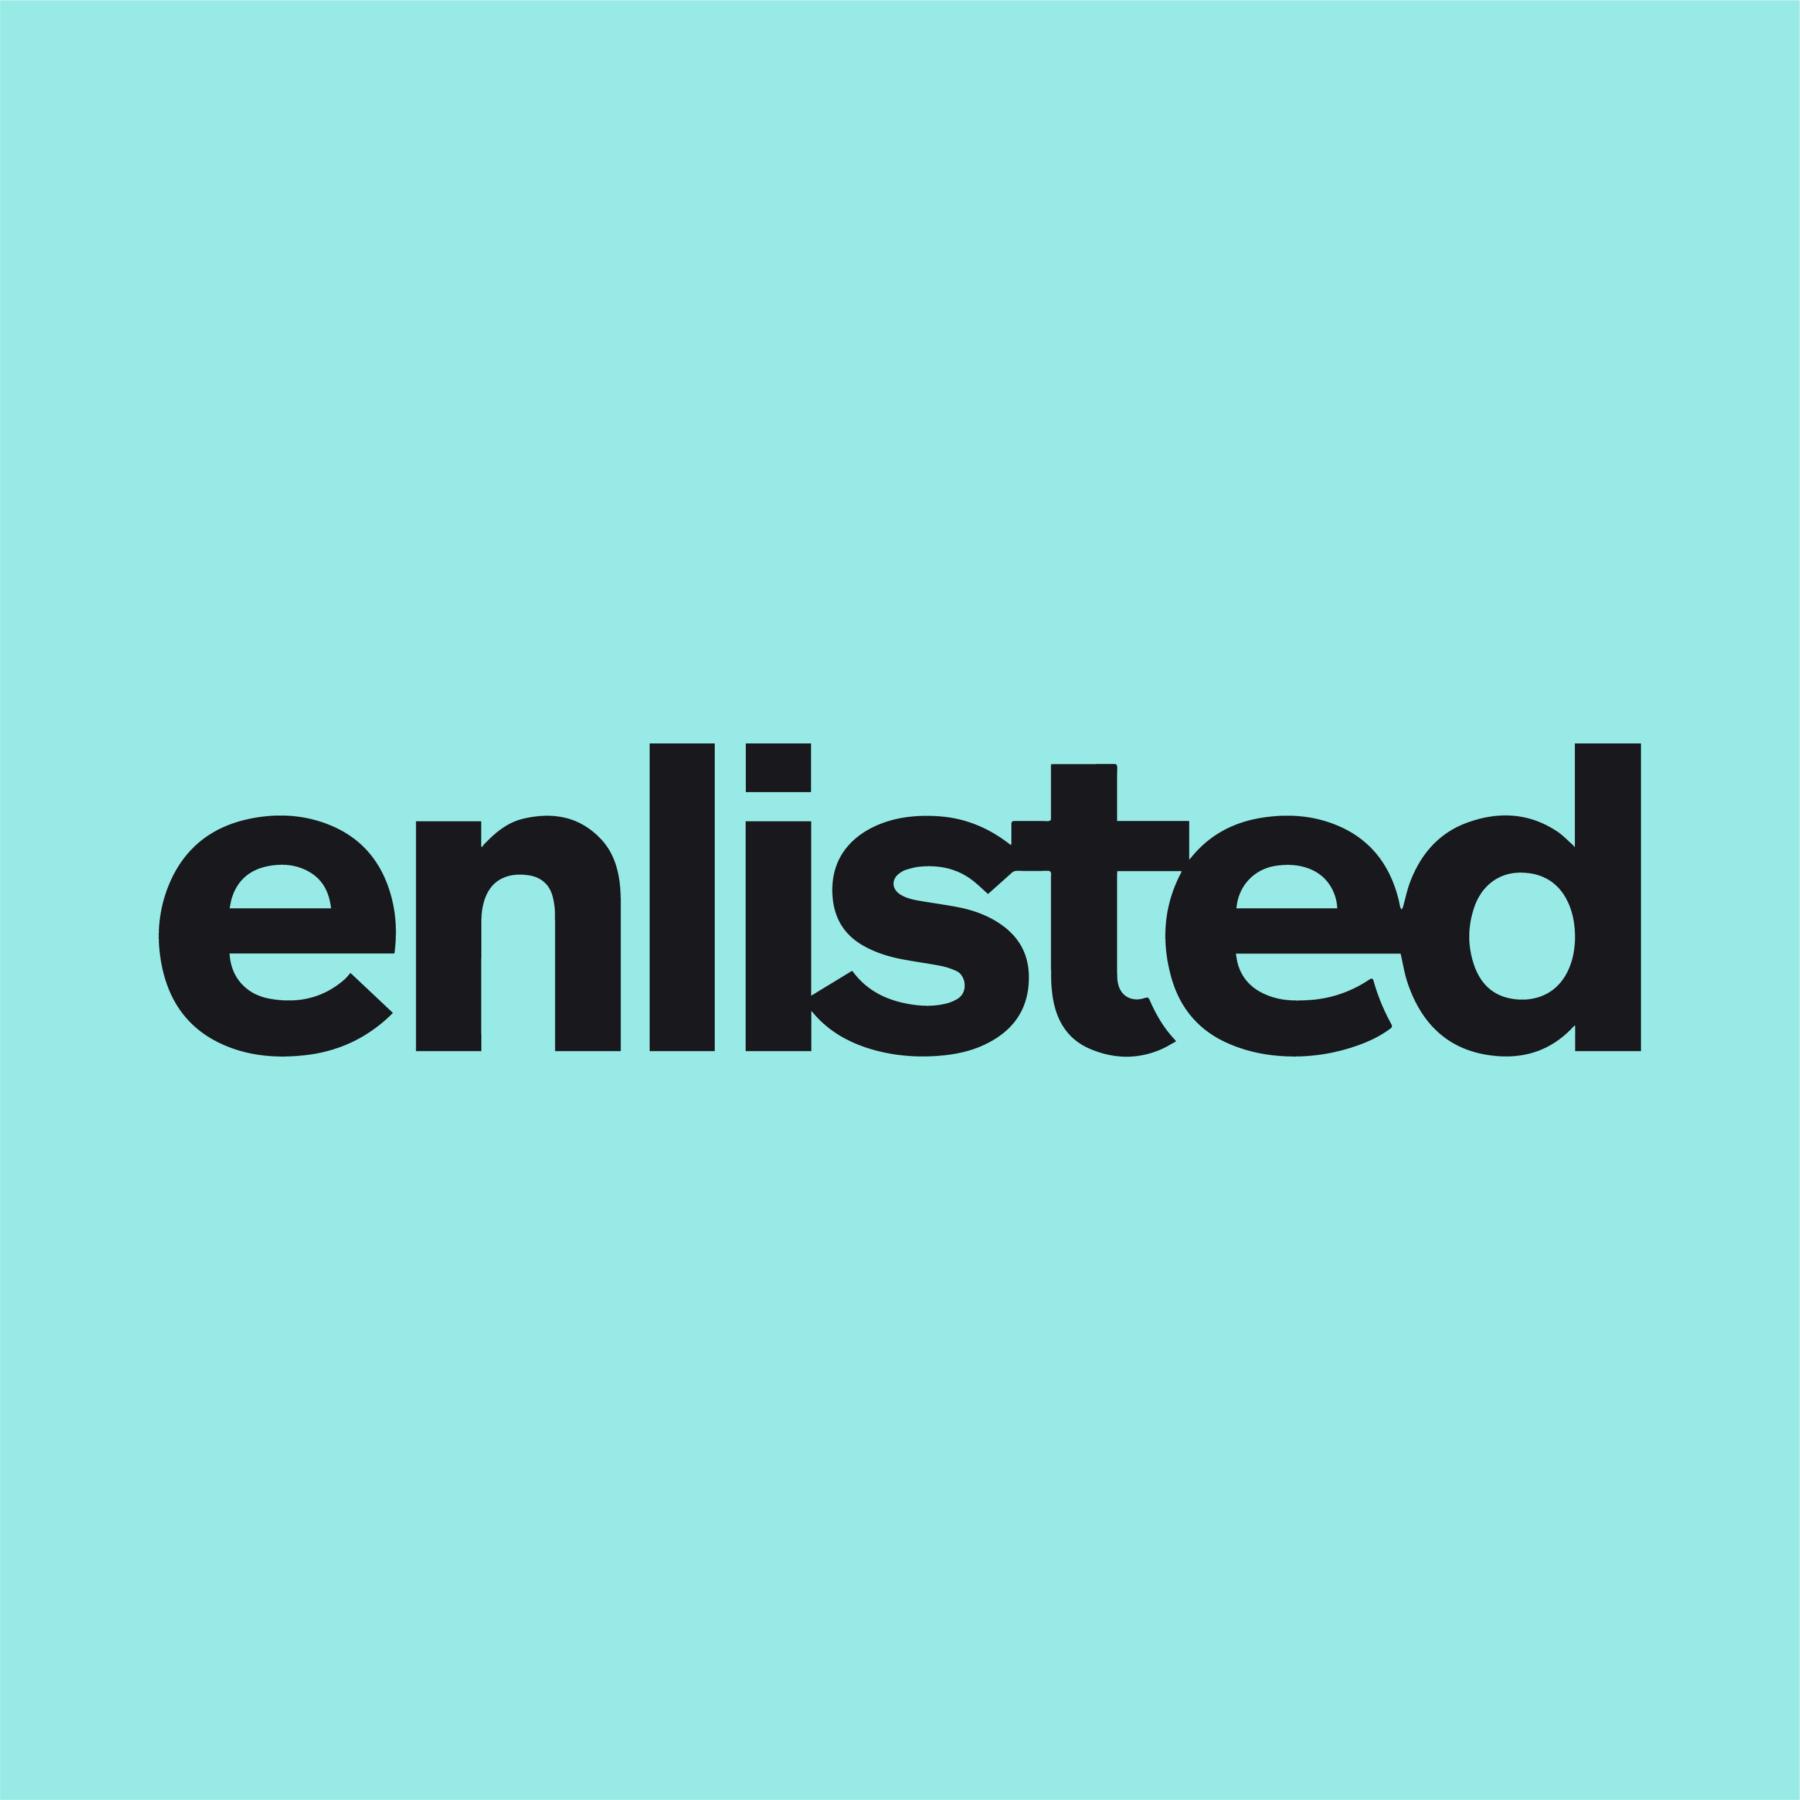 Enlisted Design